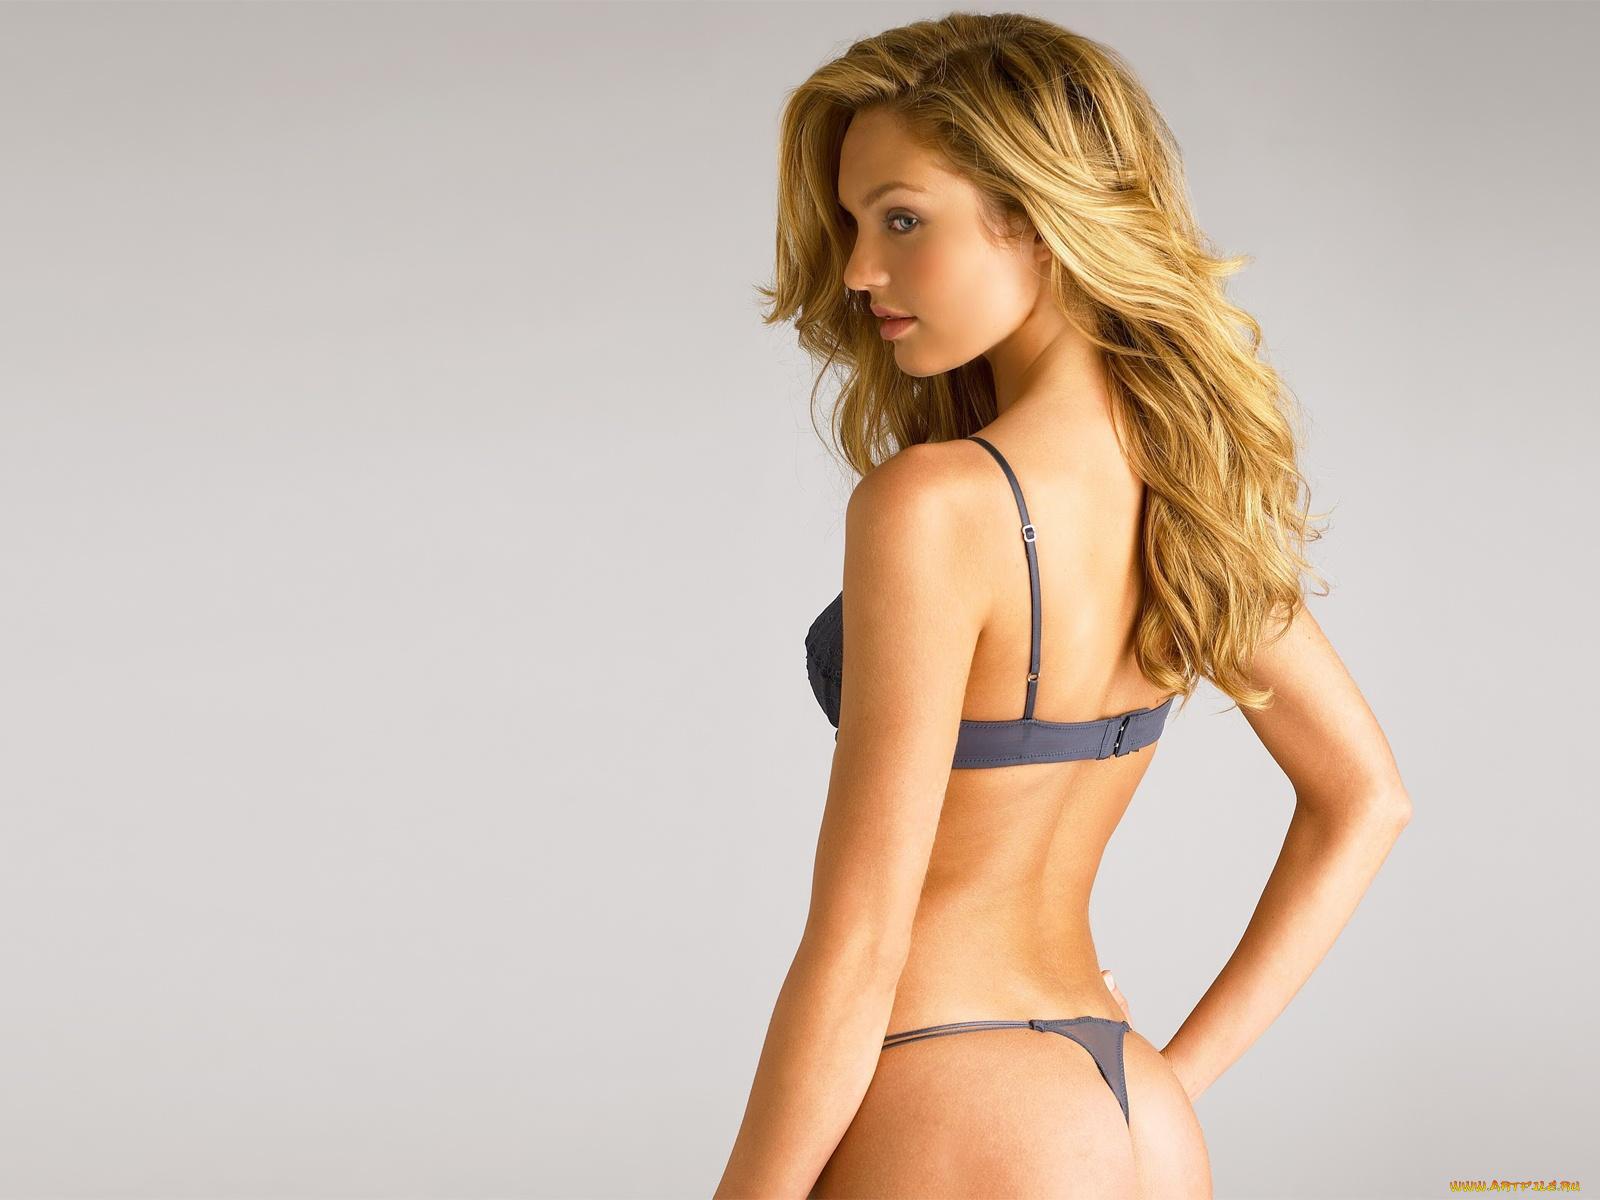 Худые и голые девочки порно, Нравятся худые. - запись пользователя Олька 15 фотография